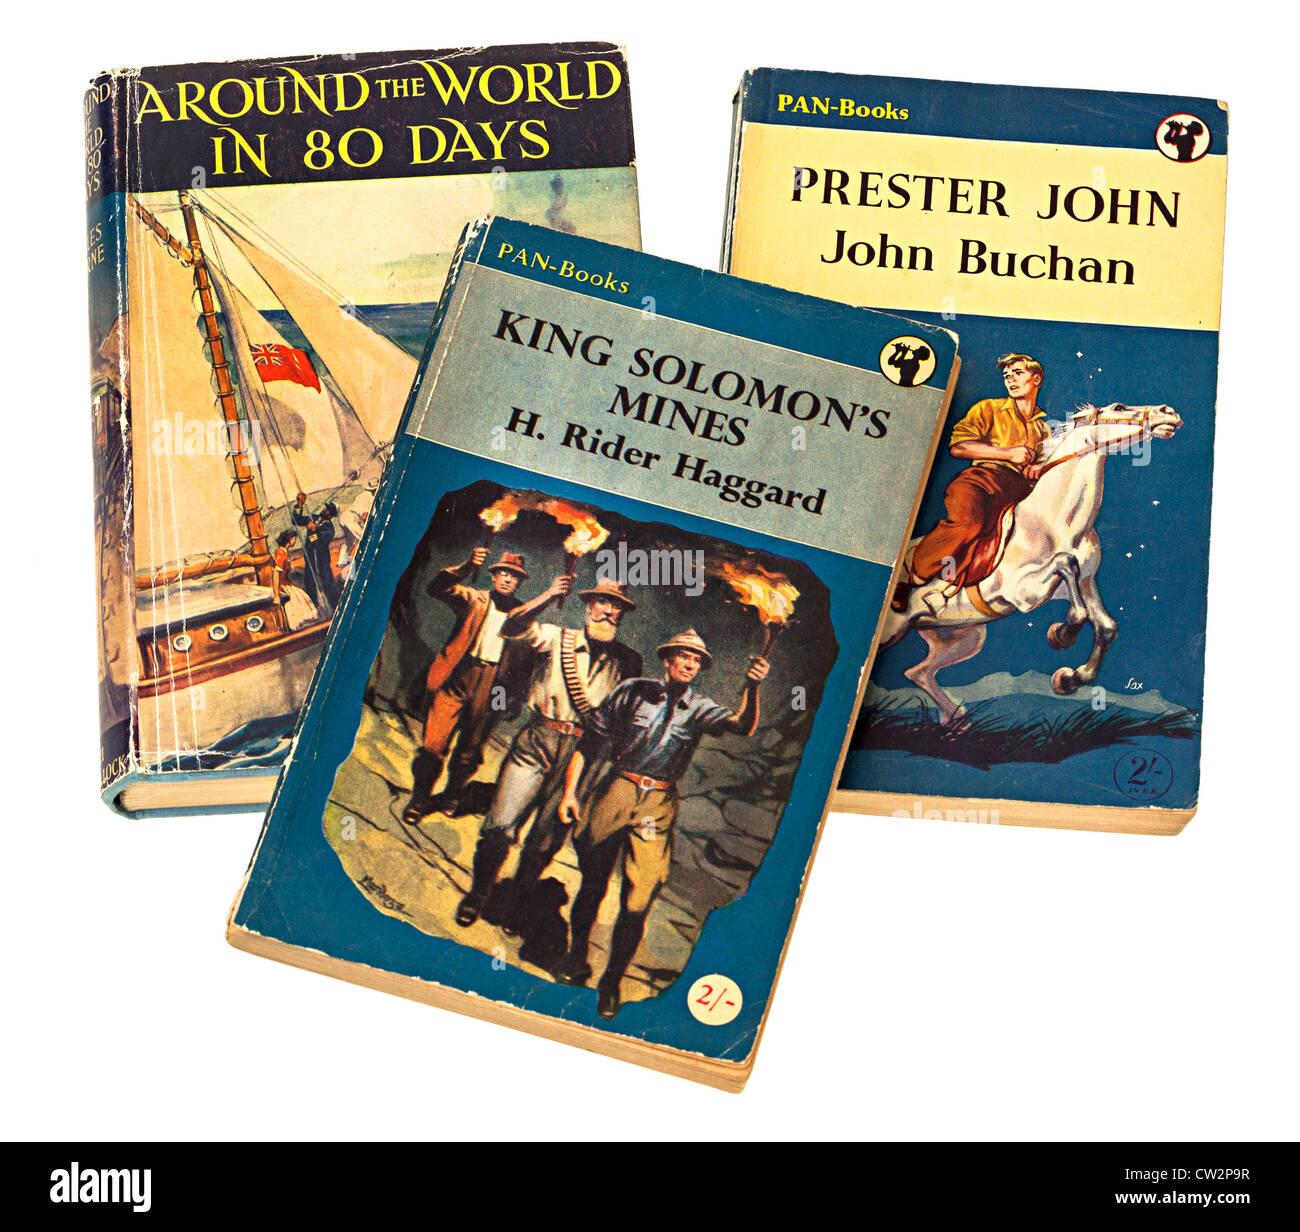 Clásica historia de aventuras para niños libros de Jules Verne, H. Rider Haggard y John Buchan Imagen De Stock